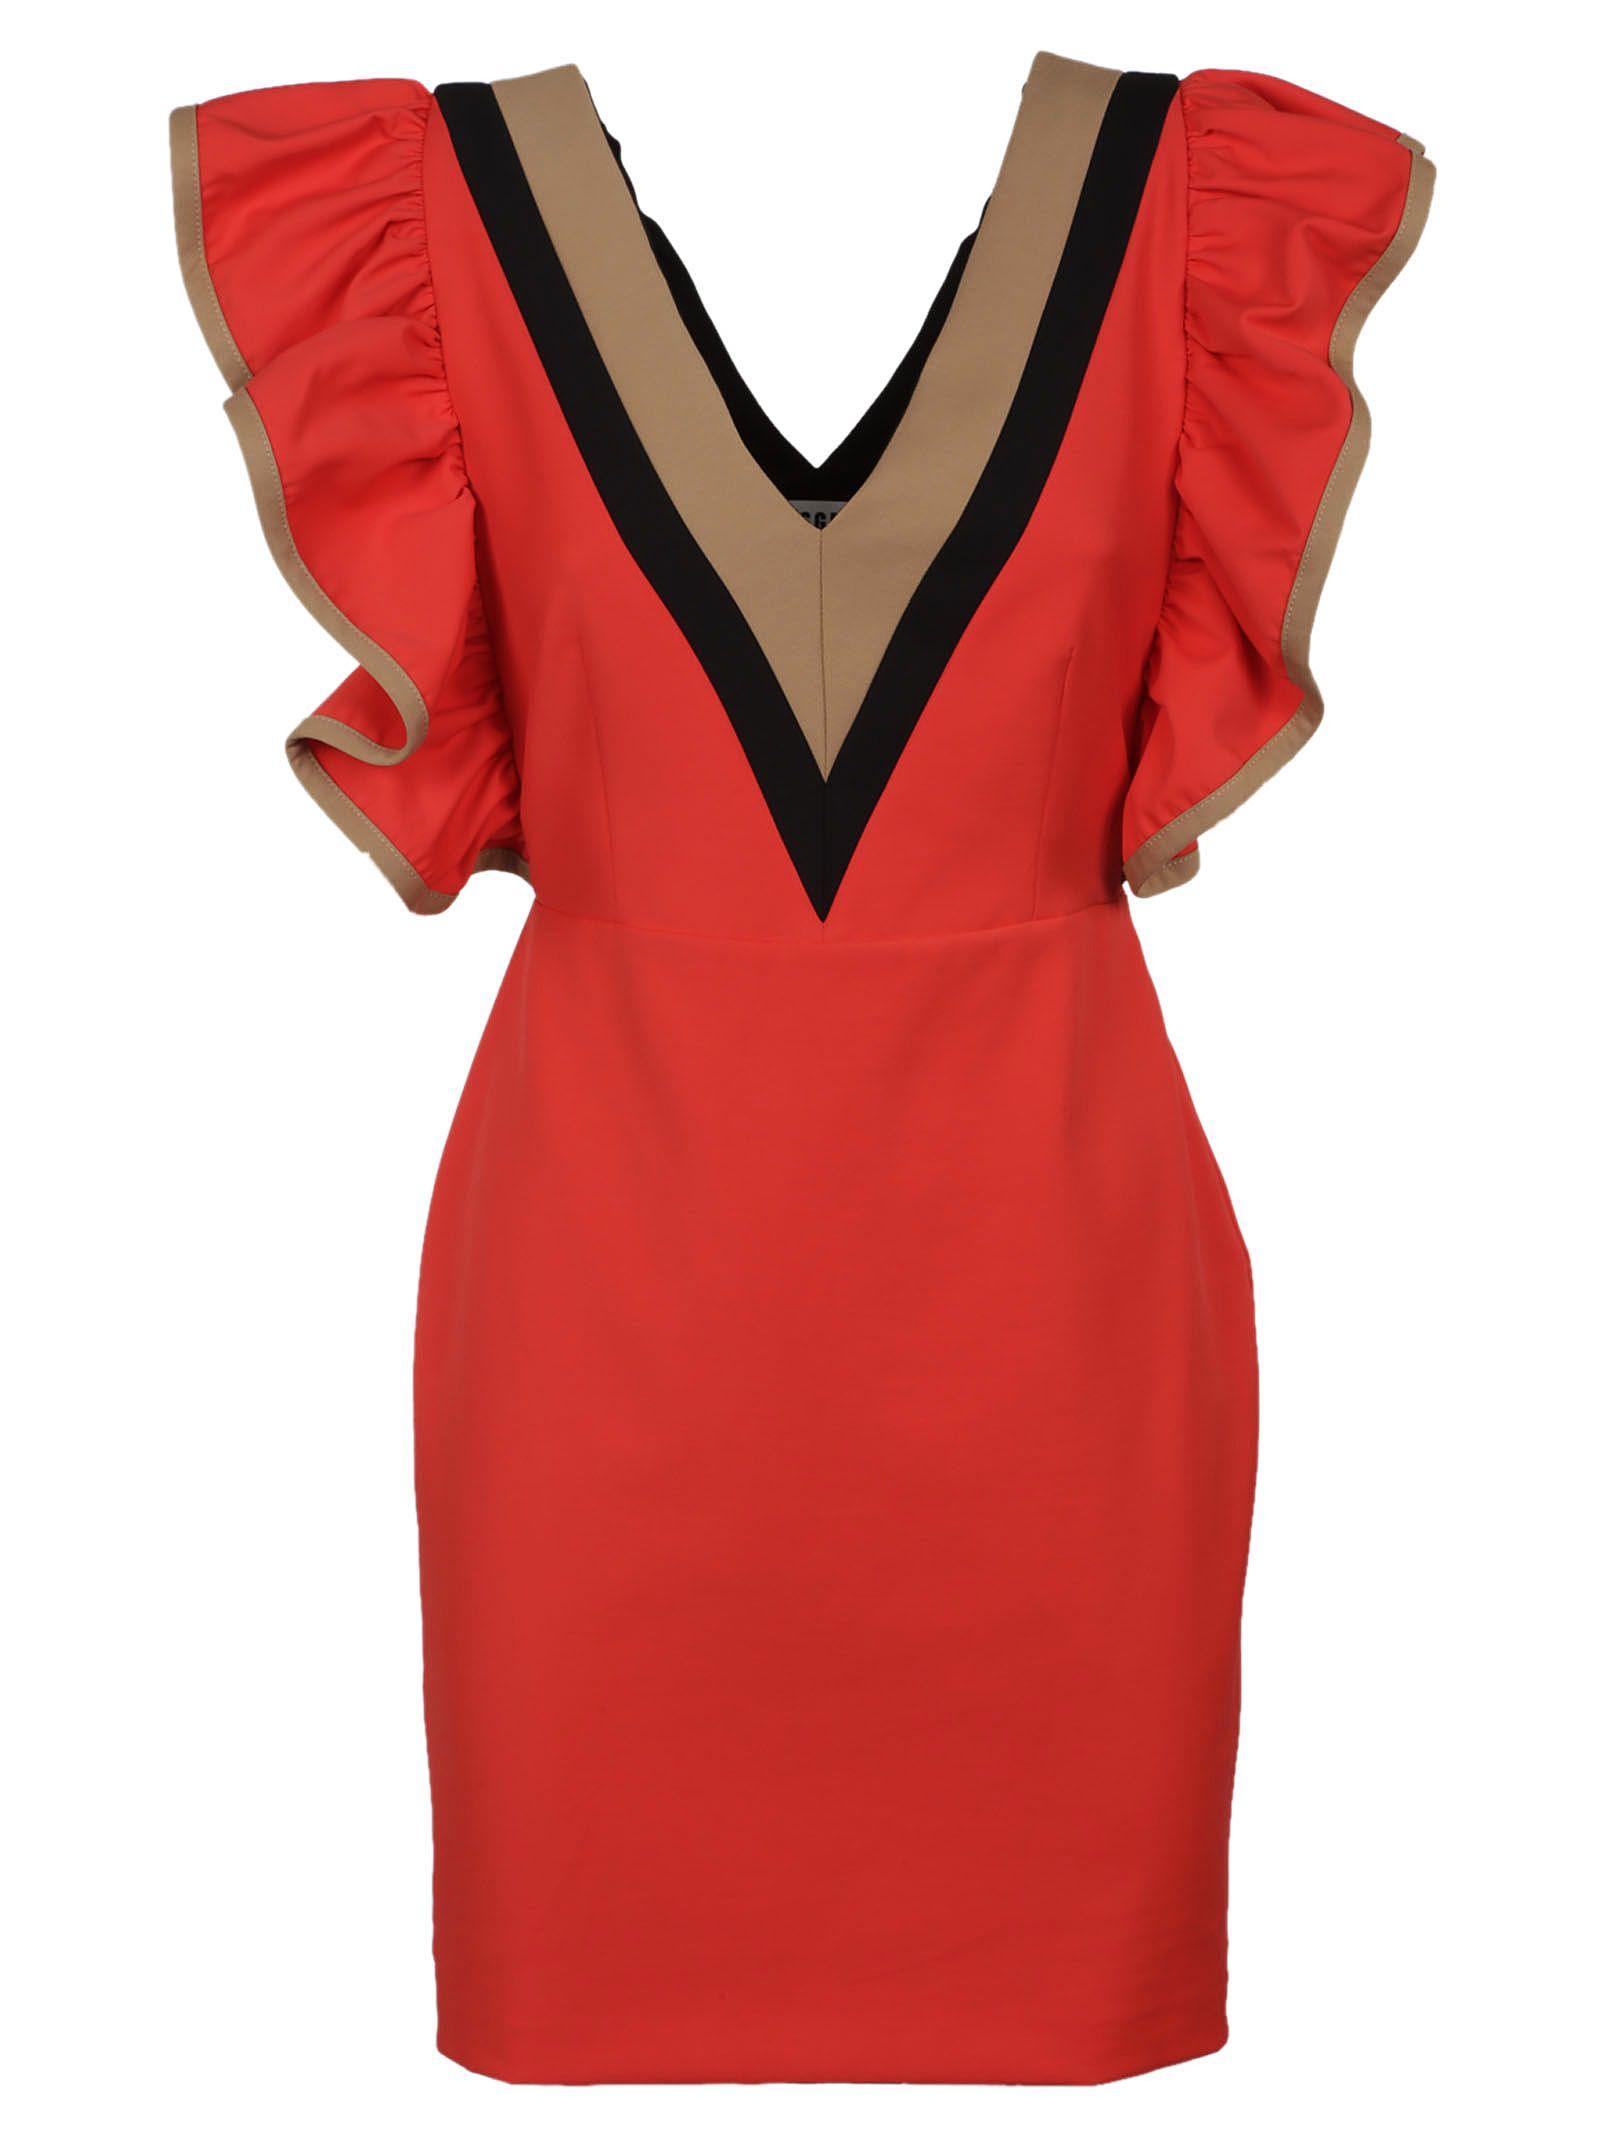 Msgm Frill Dress